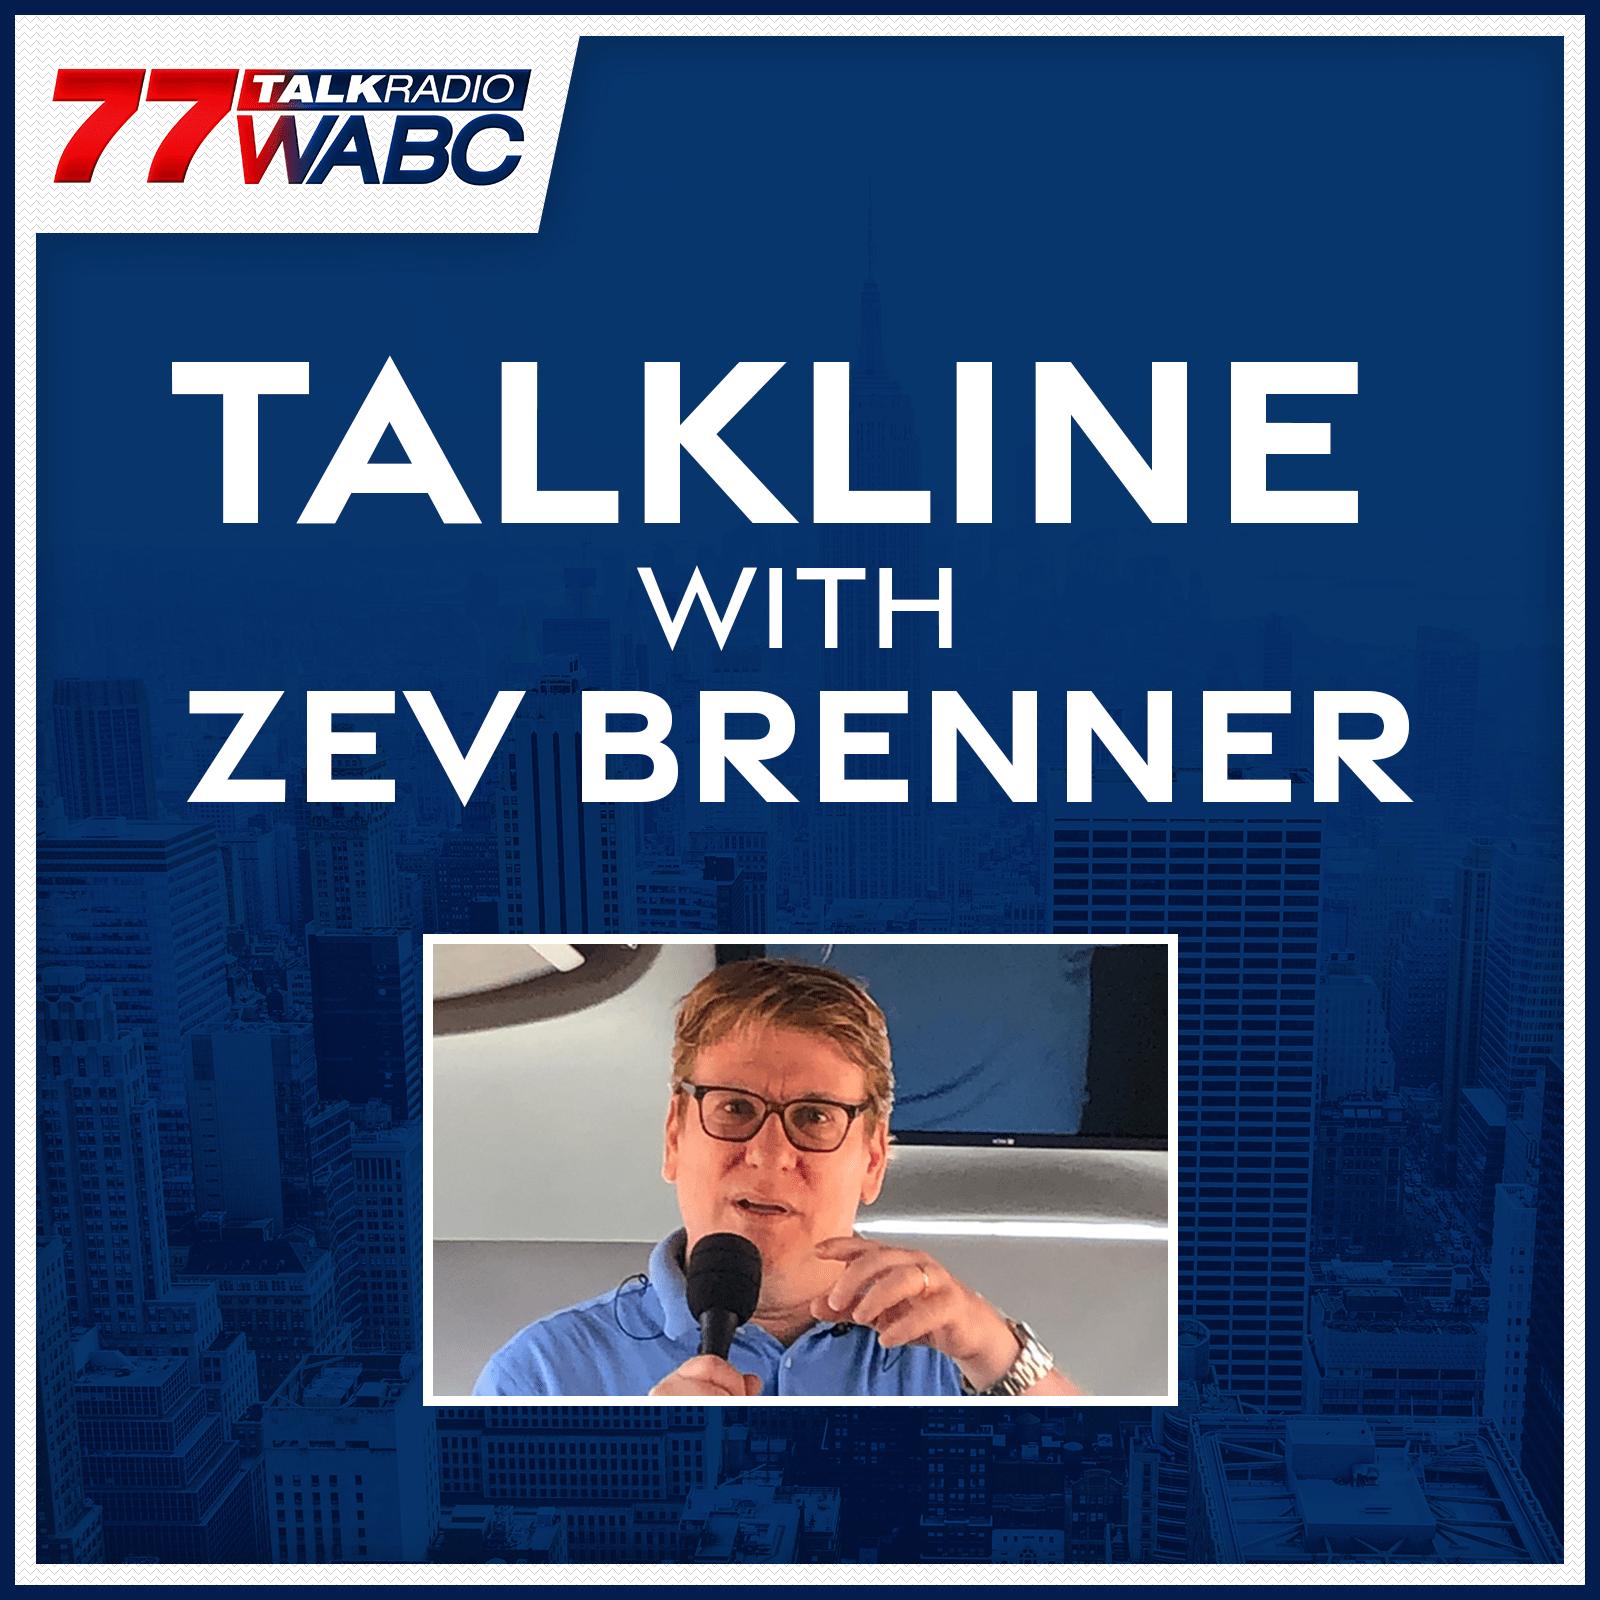 Talkline with Zev Brenner